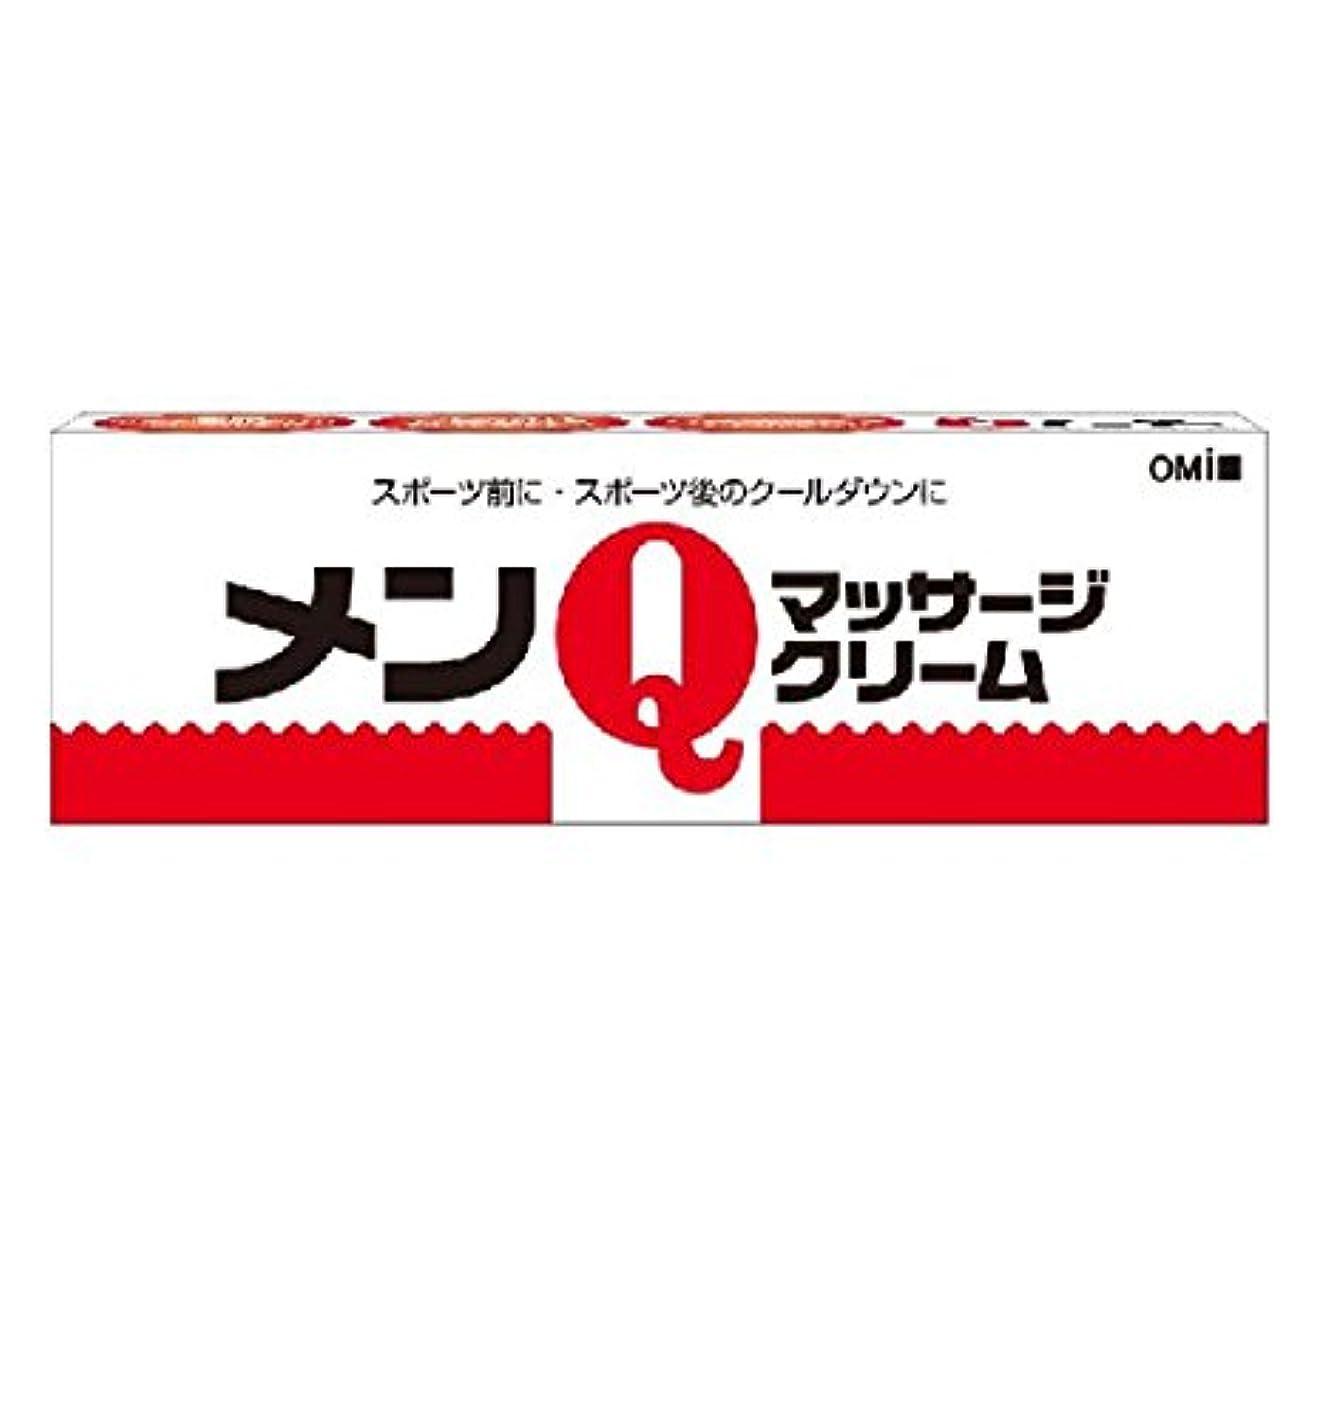 親密なスチールいじめっ子近江兄弟社 メンQマッサージクリーム 65g